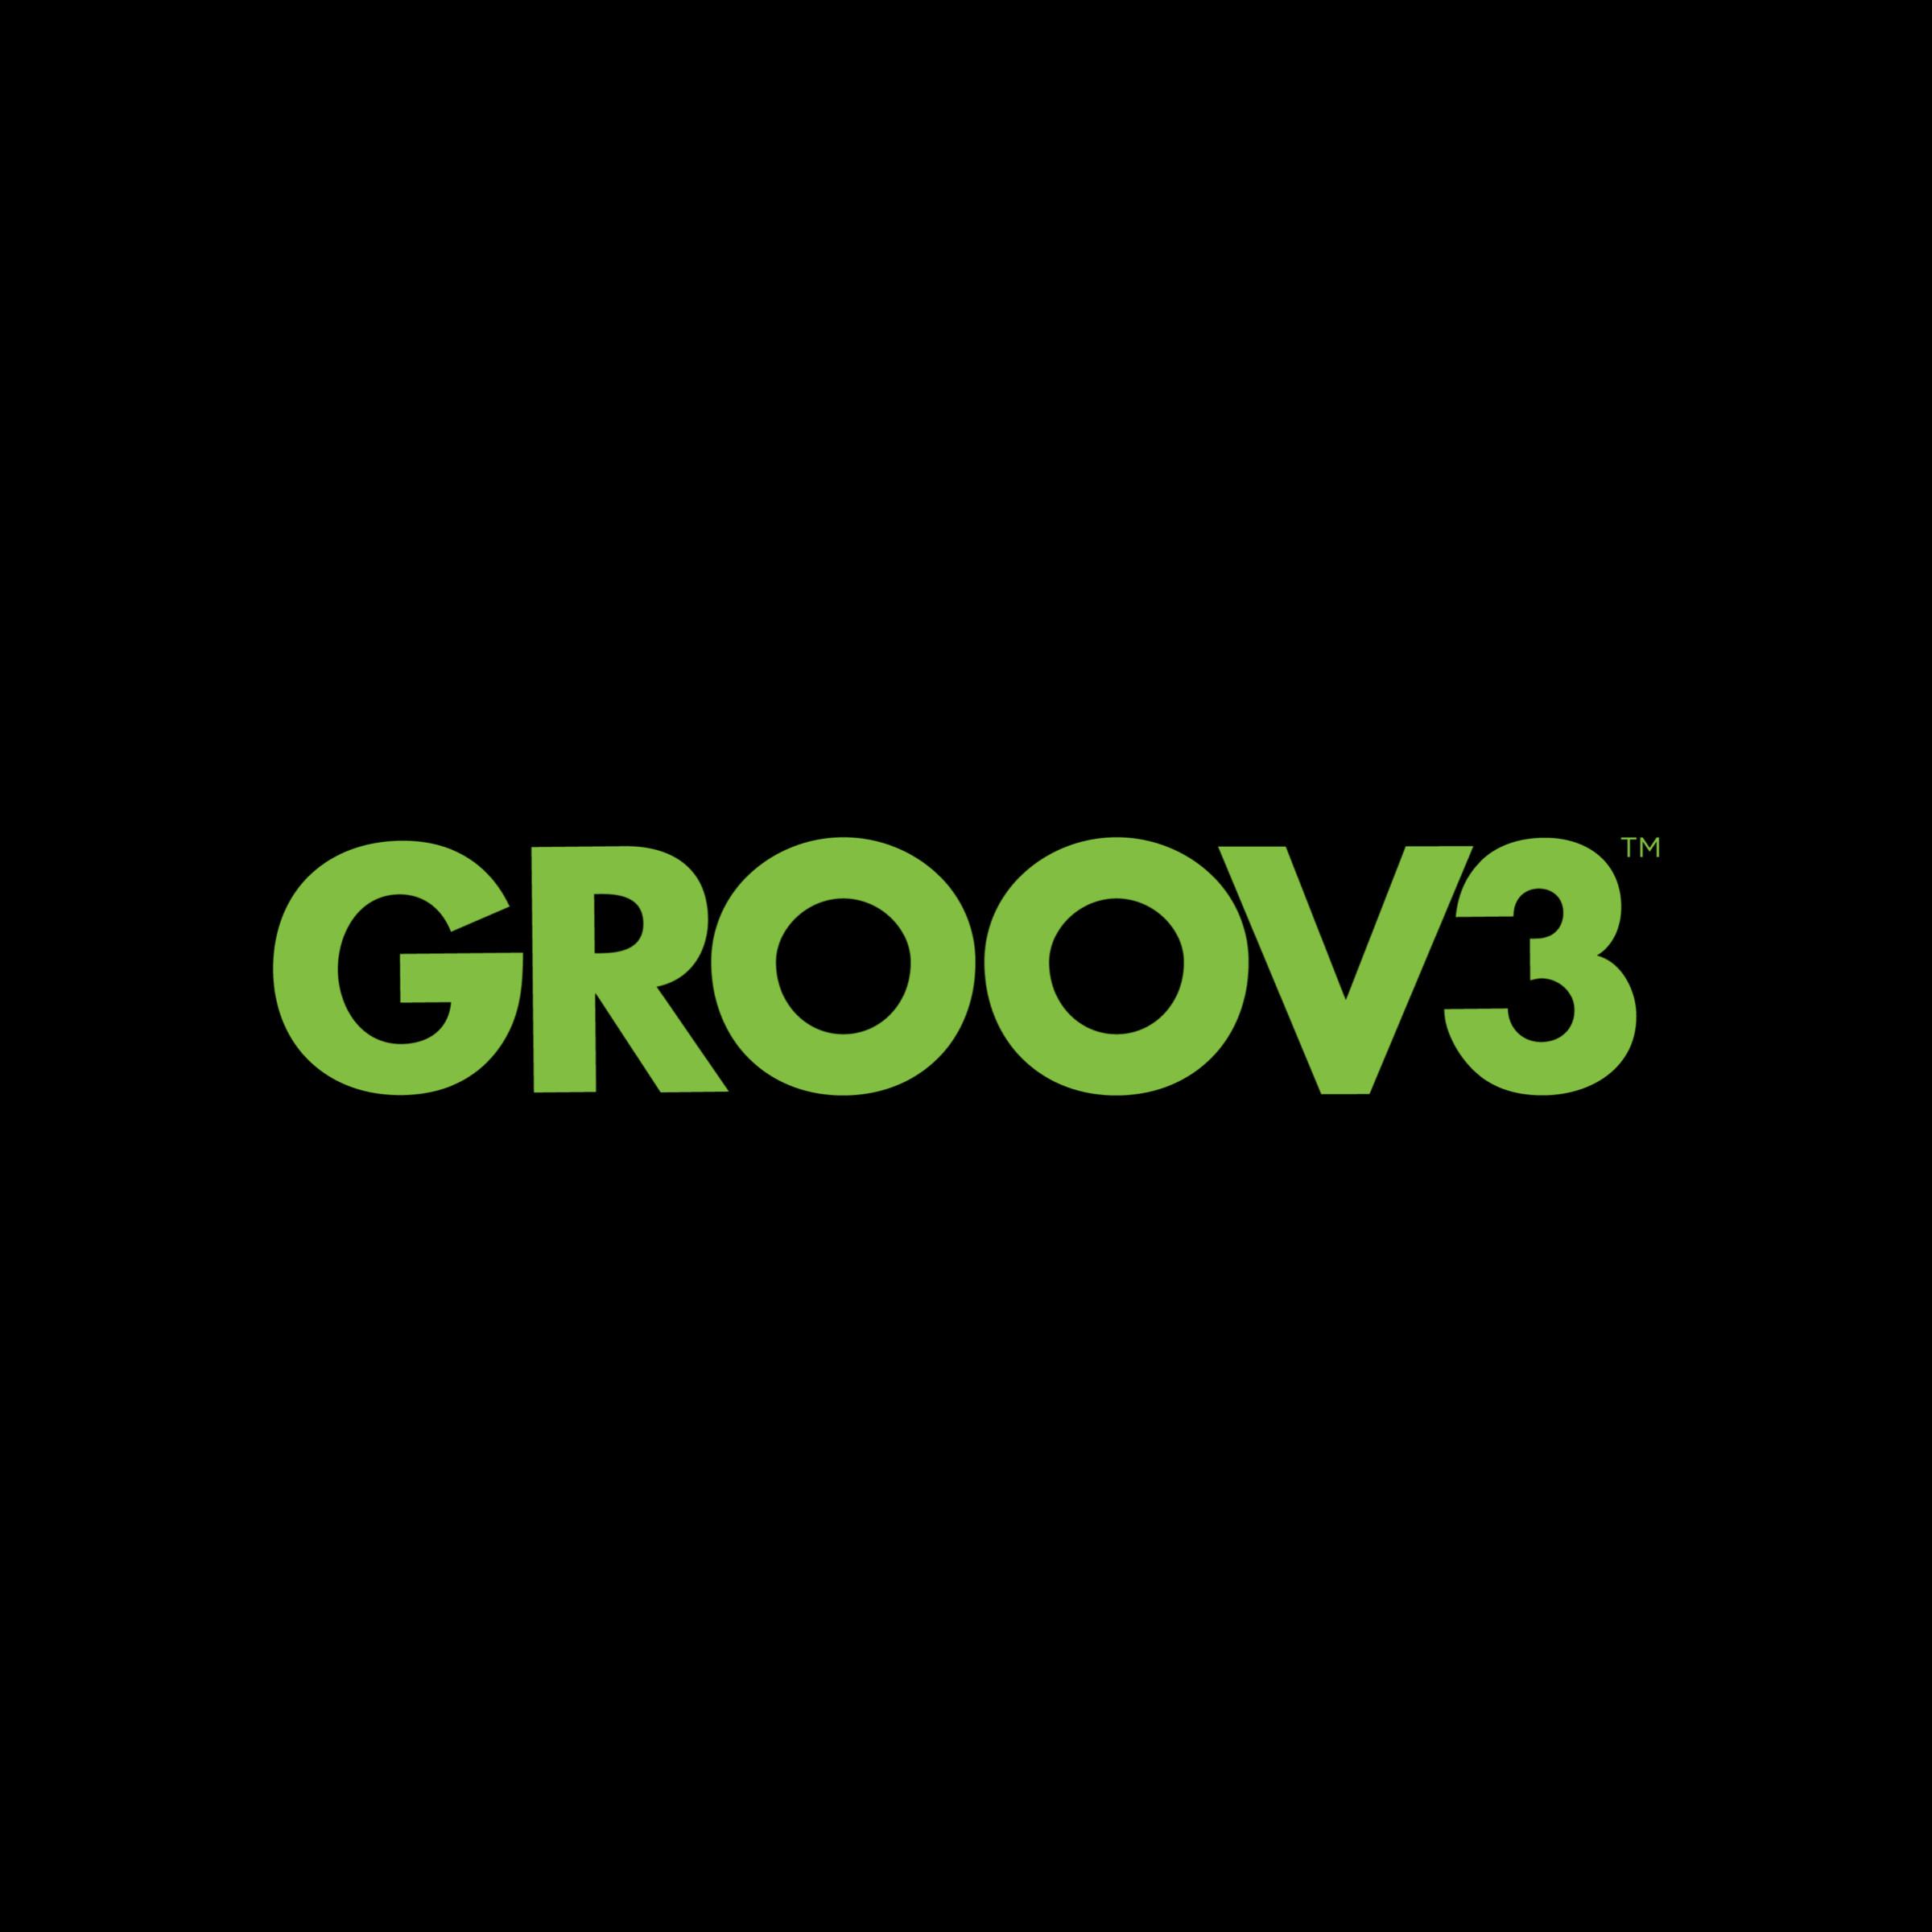 1-on-1 GROOV3